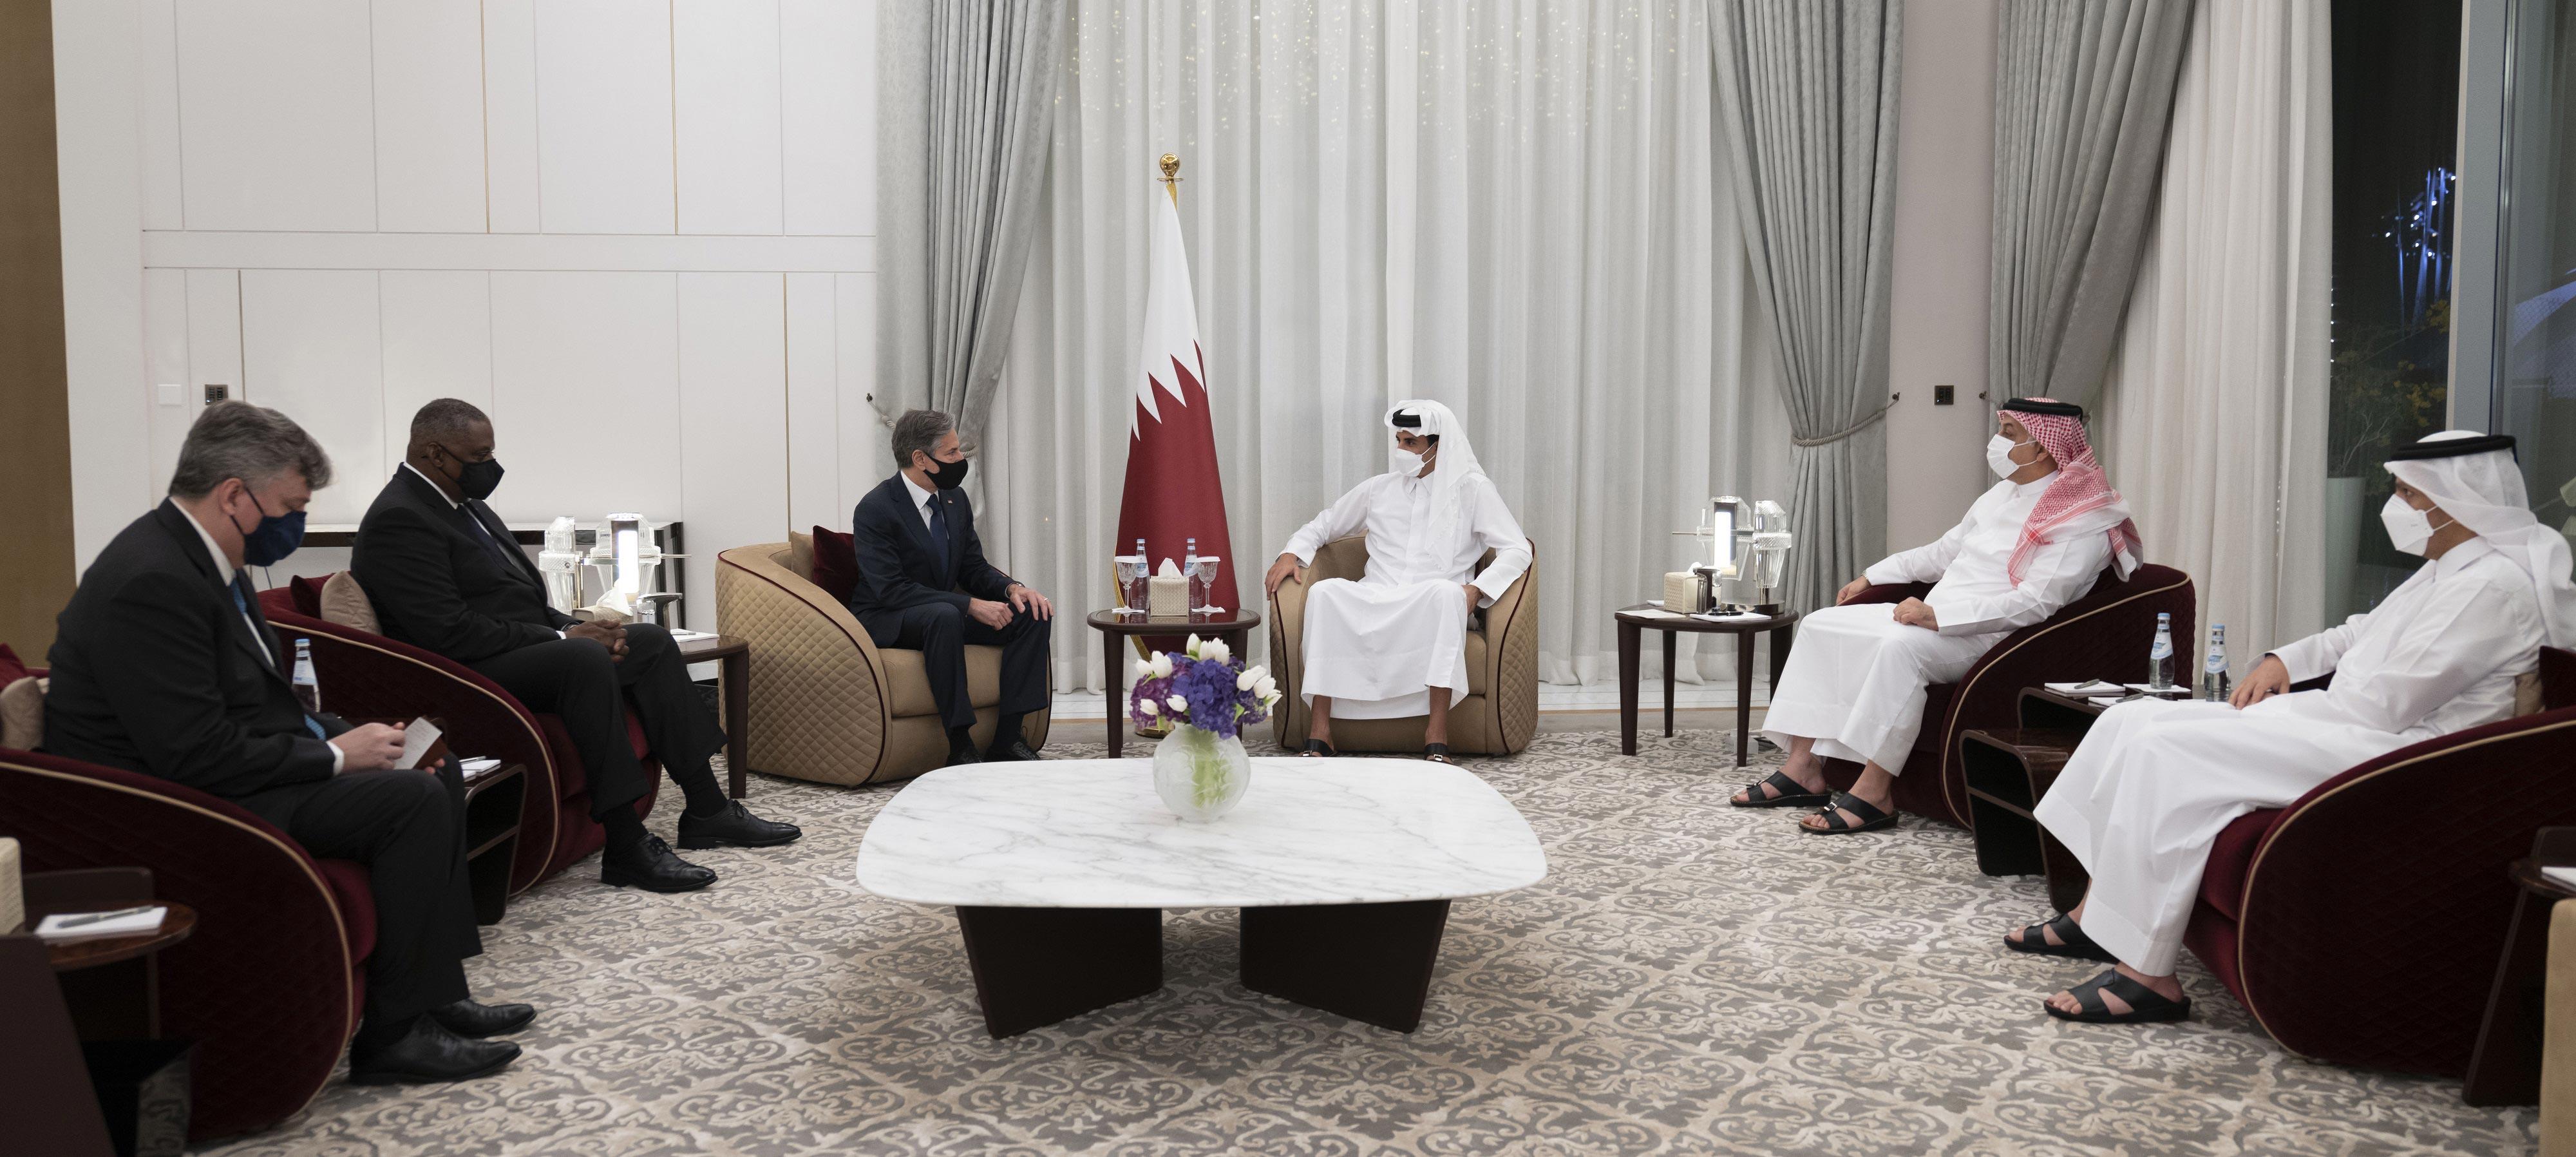 ABD'li bakanlar Katar'da: Gündem Afganistan!